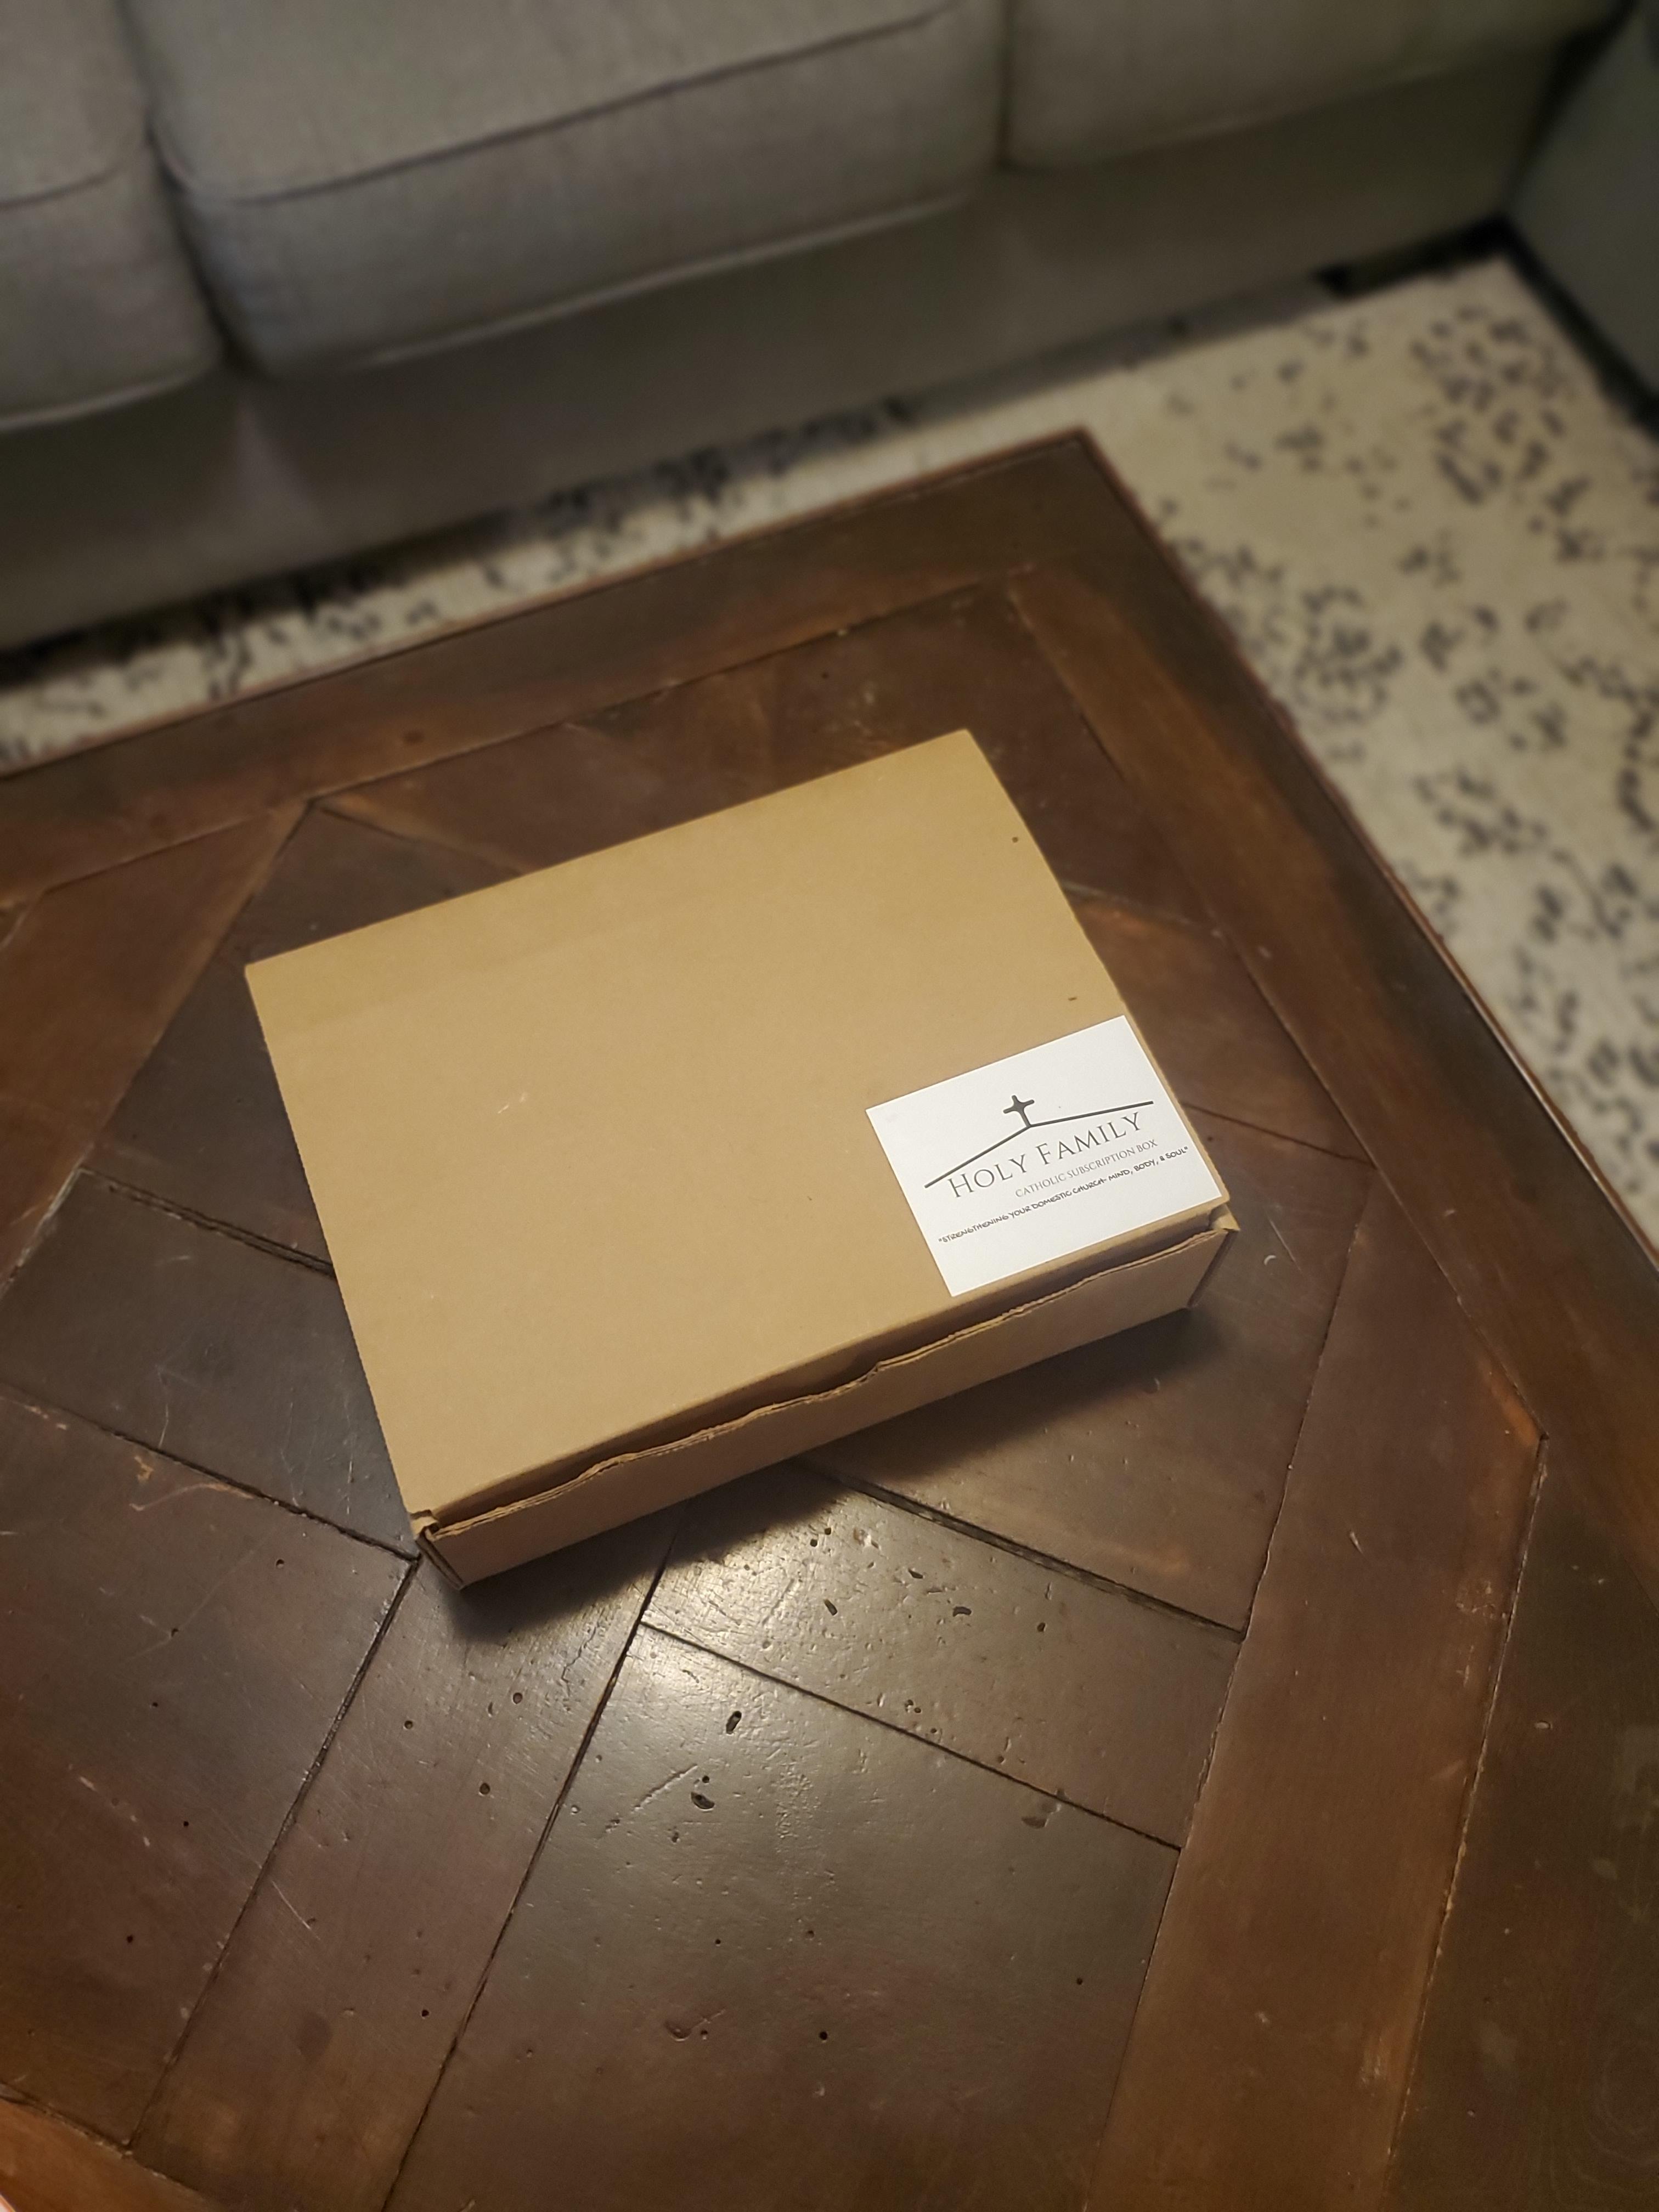 2020 0916 DBartalini Box 4